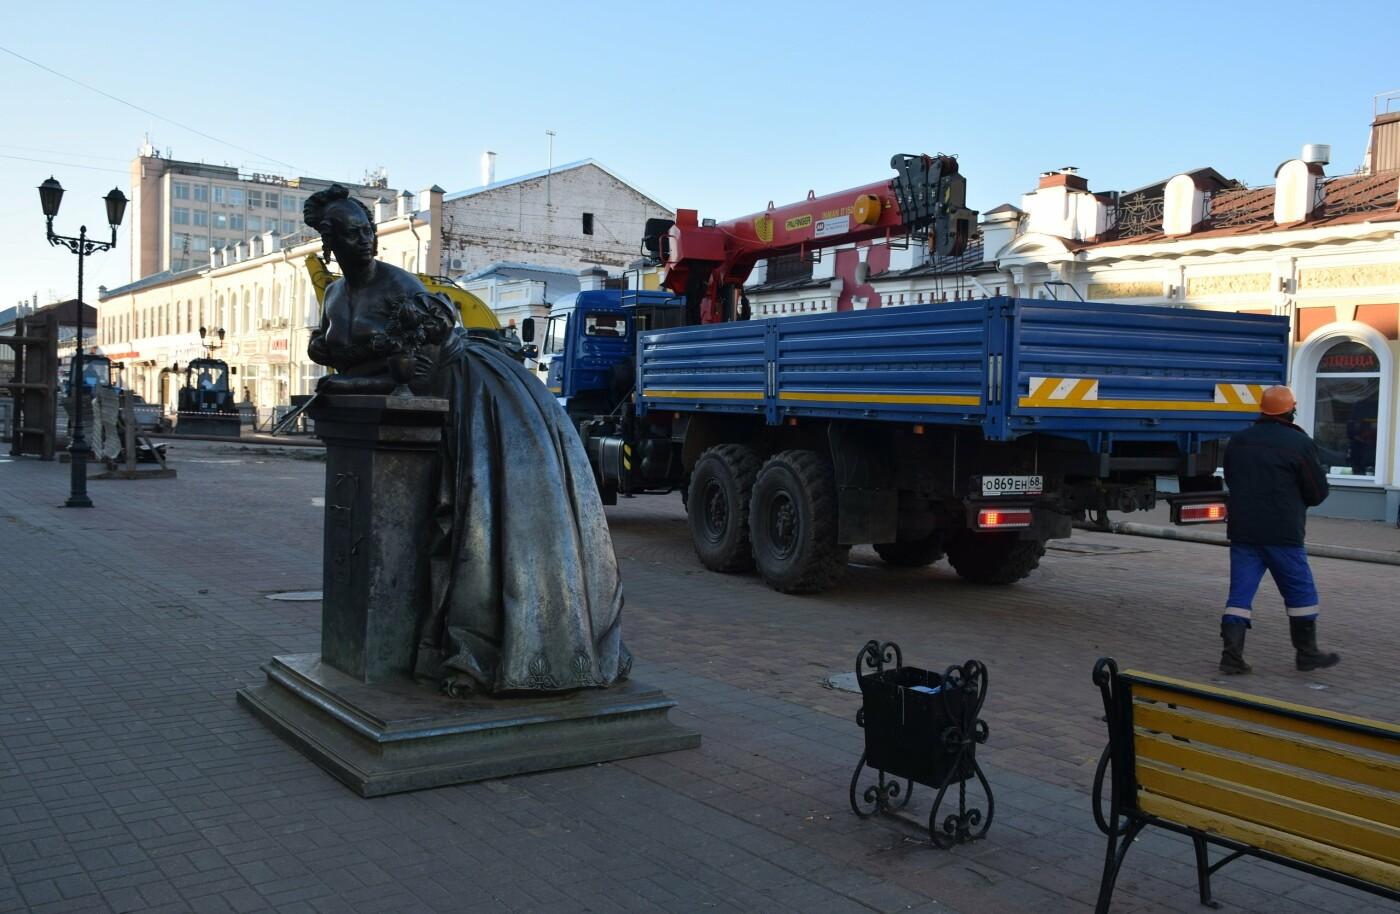 Тамбовскую казначейшу «эвакуировали» с улицы Коммунальной, фото-2